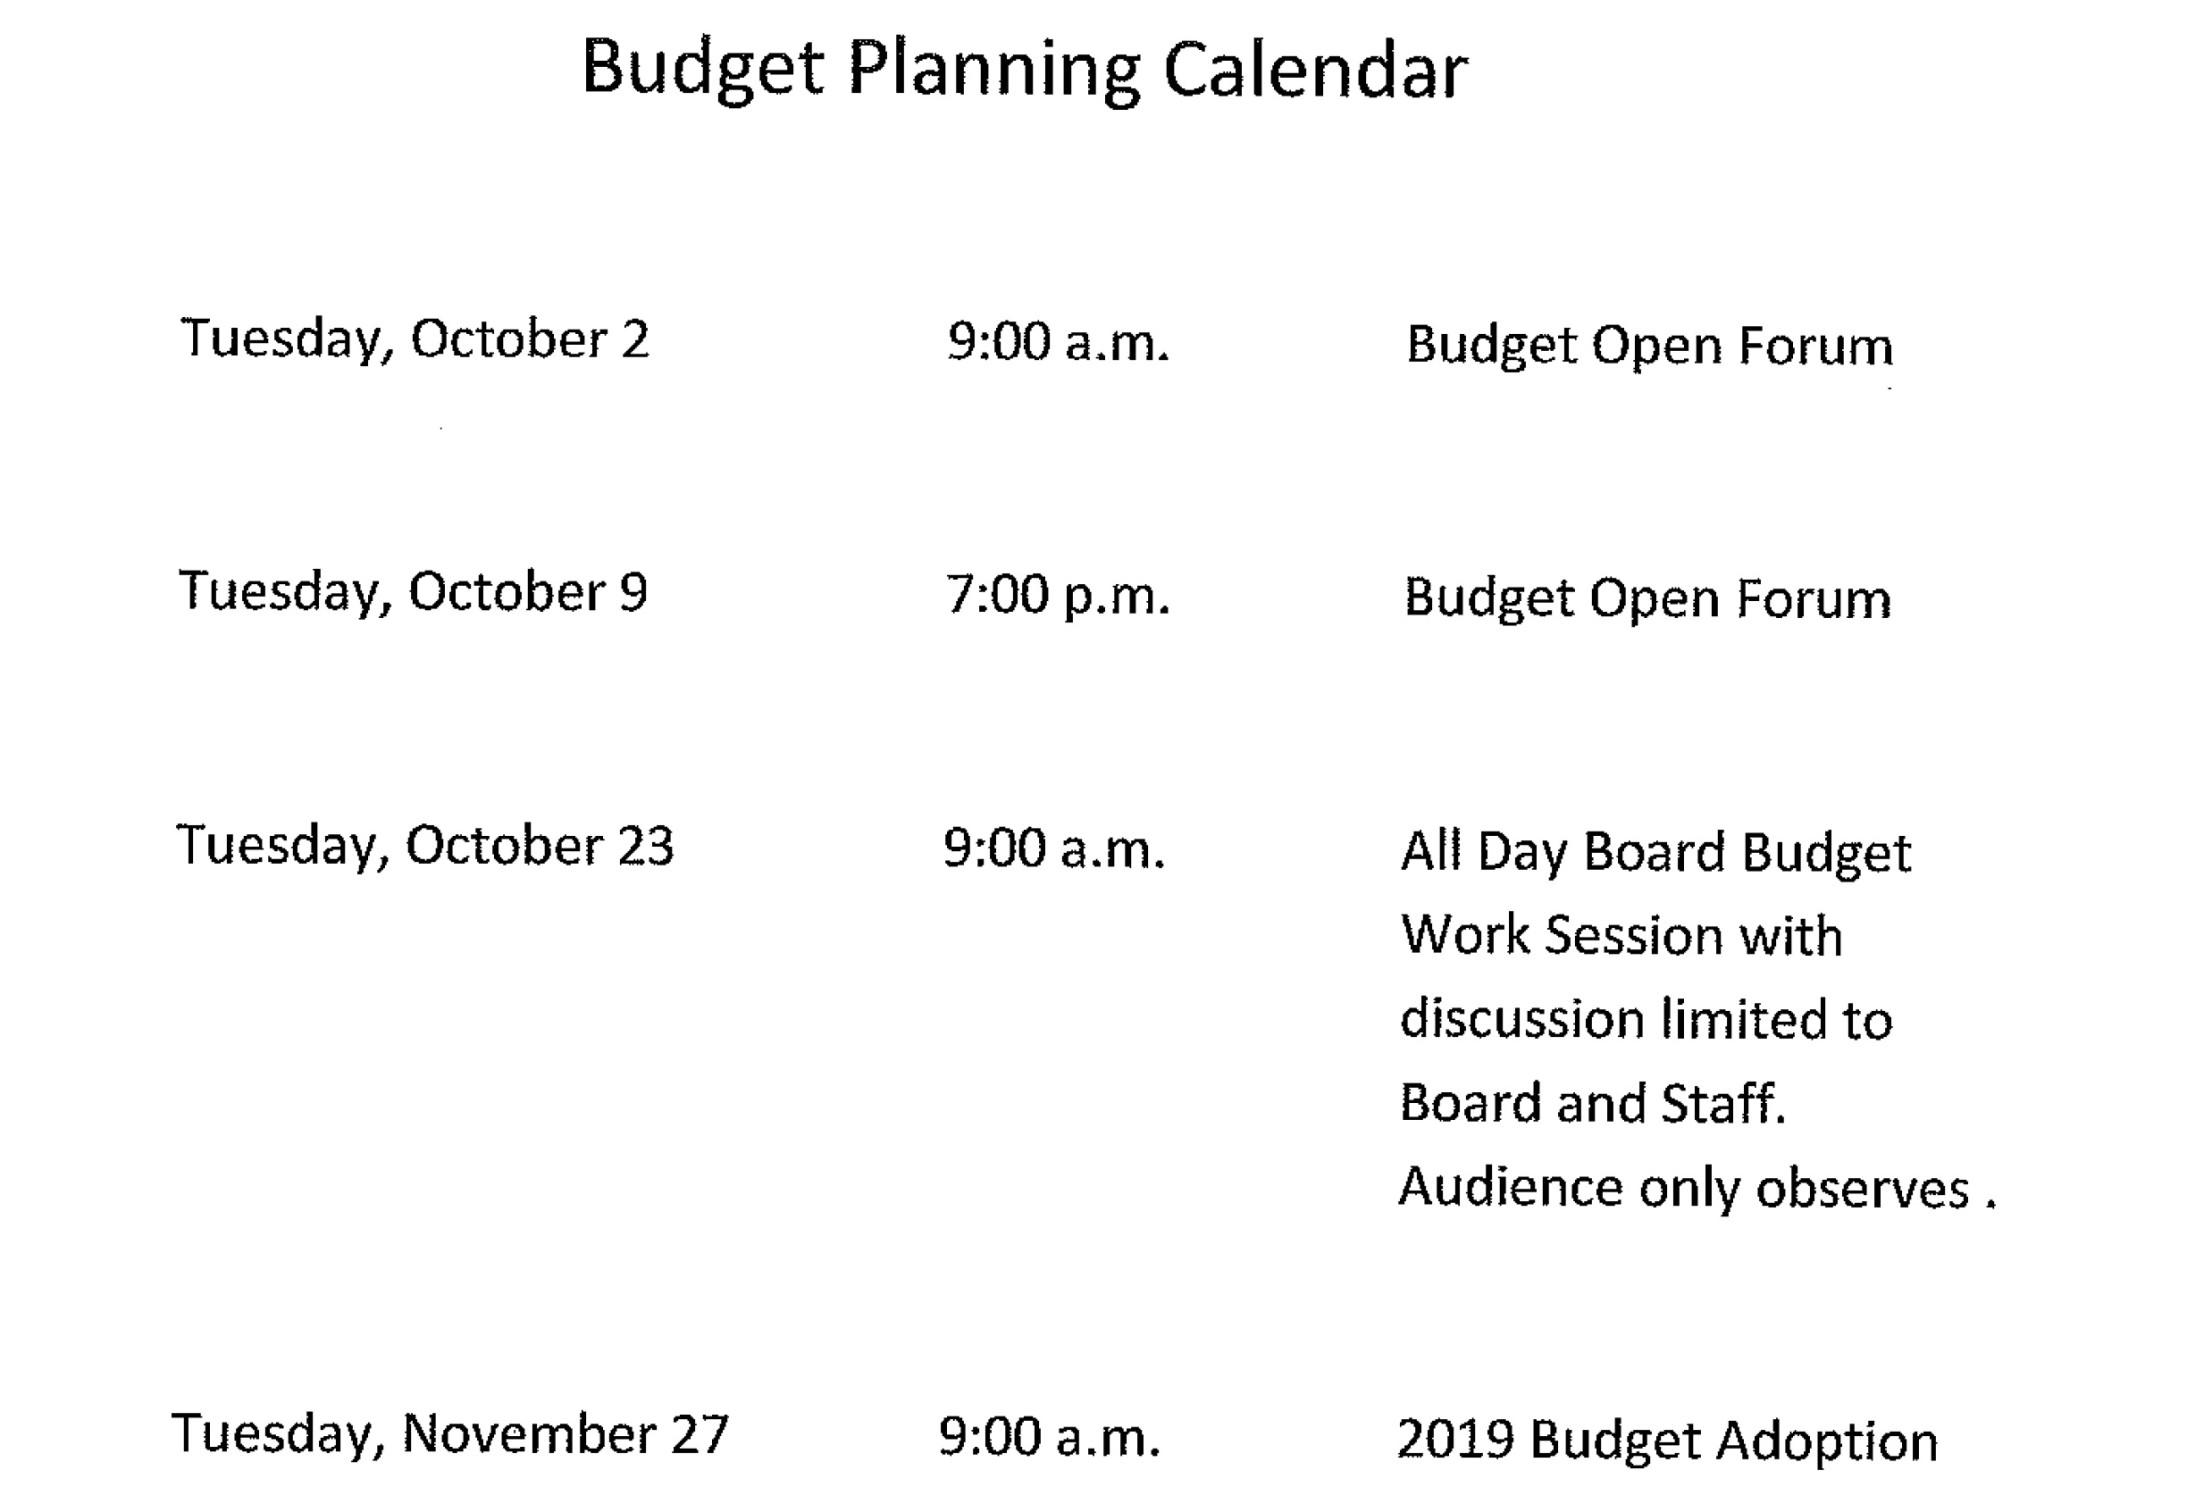 BTCI Budget Planning Calendar